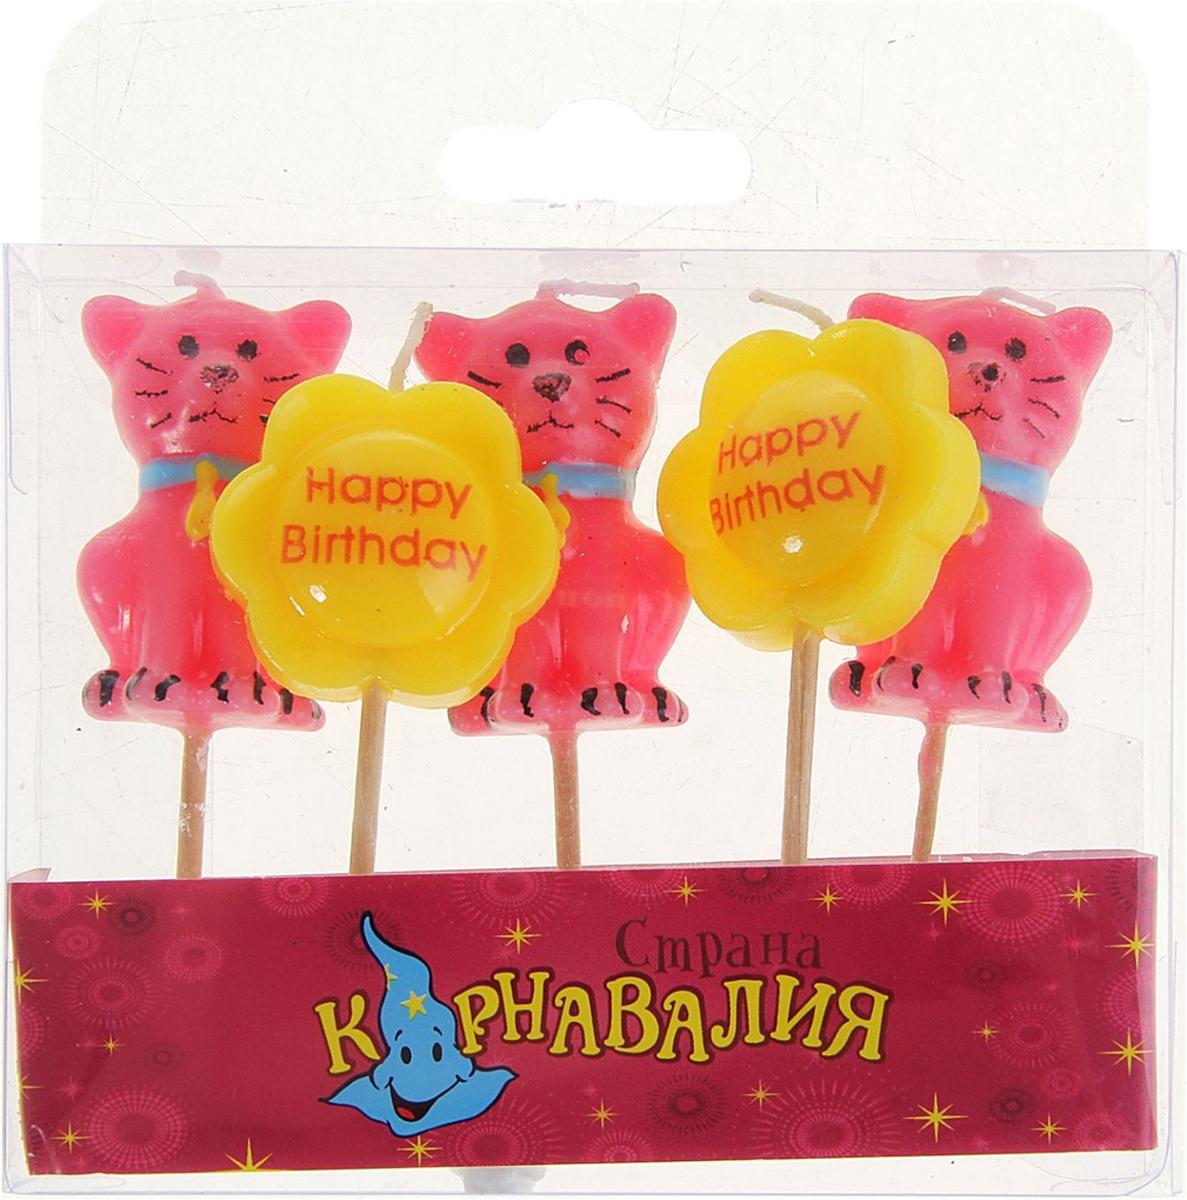 Страна Карнавалия Свечи воск для торта С Днем Рождения цветочки киски 5 шт страна карнавалия свечи для торта с днем рождения 420545